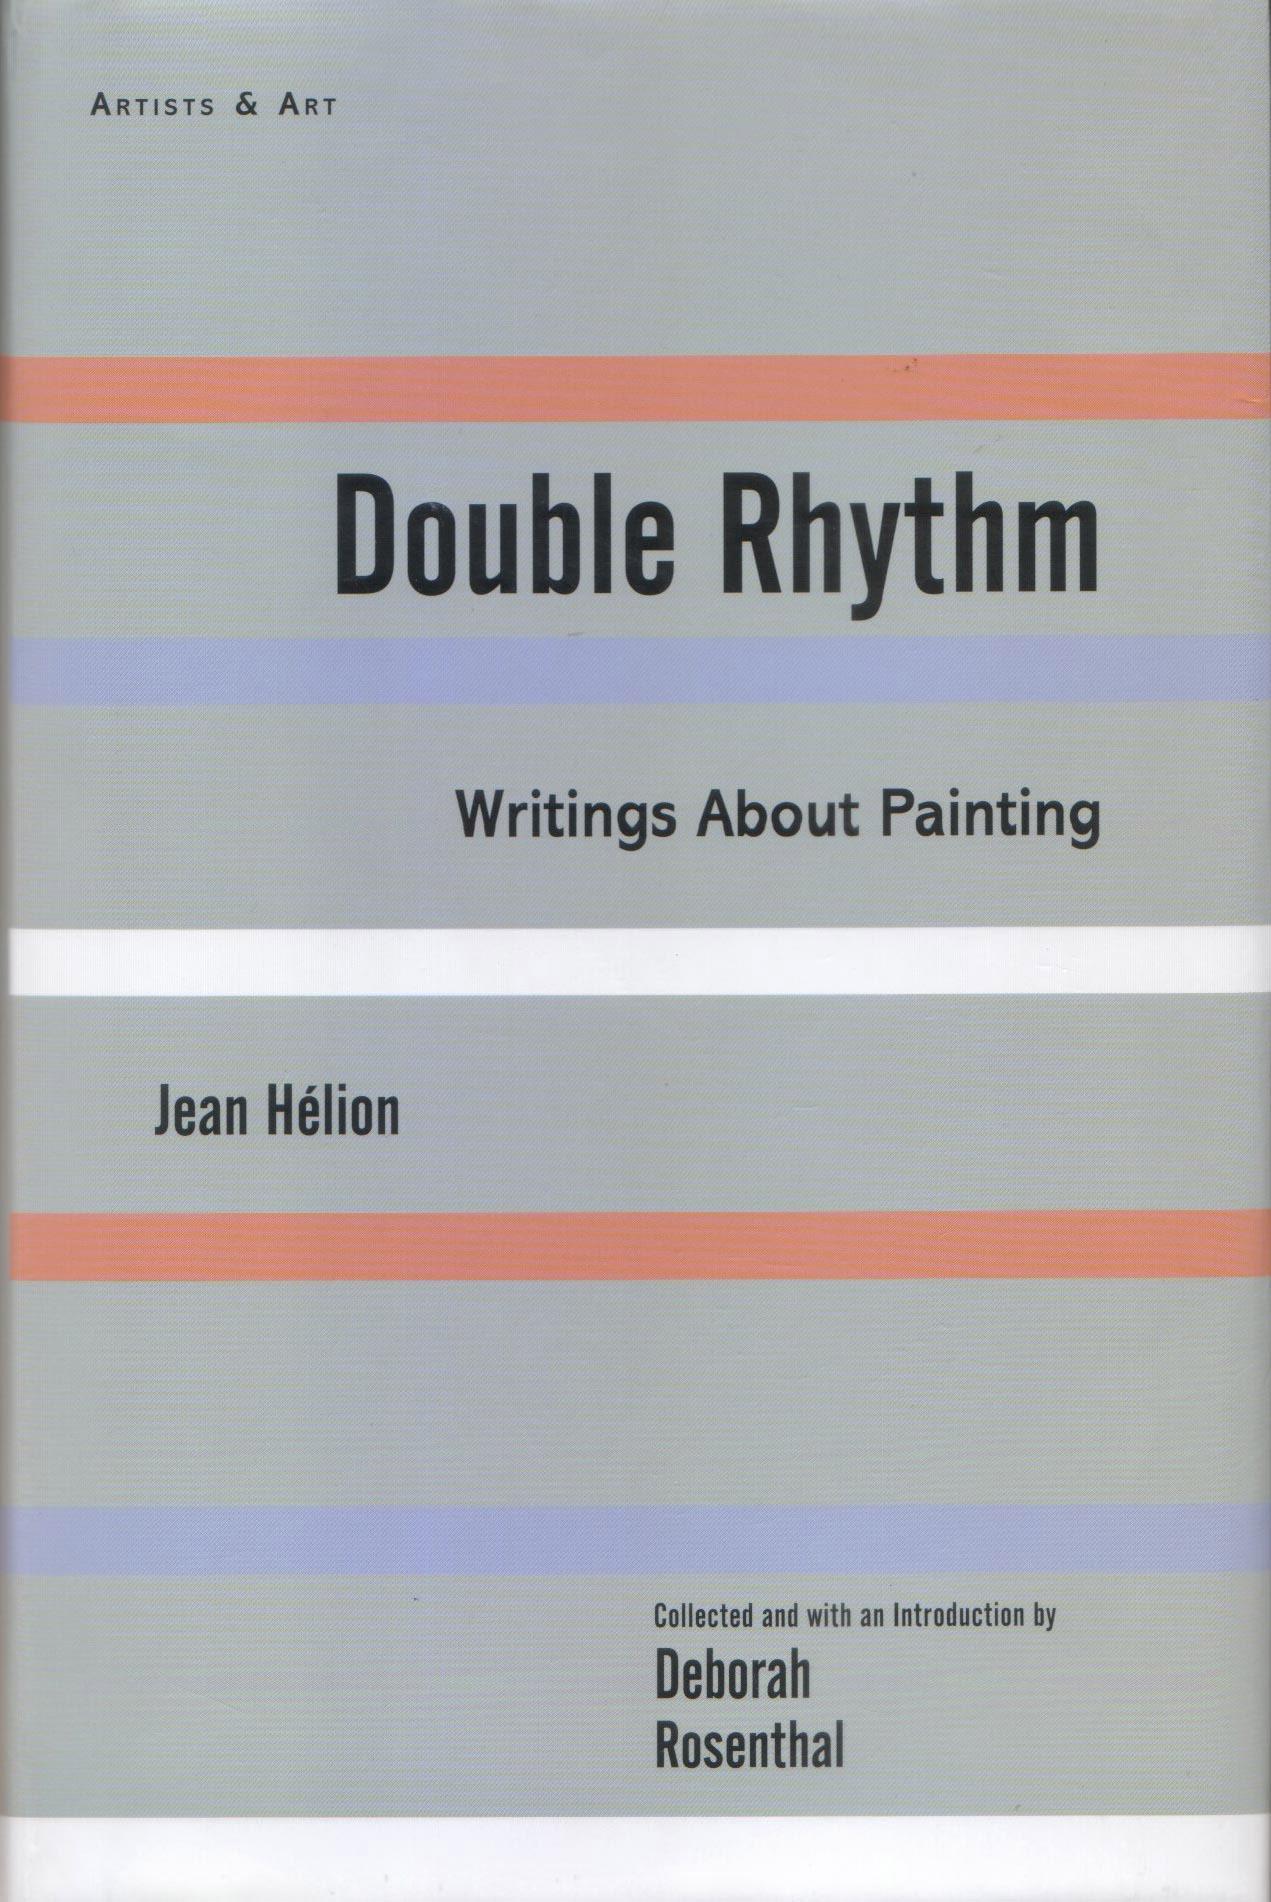 Jean Hélion, 'Double Rhythm'